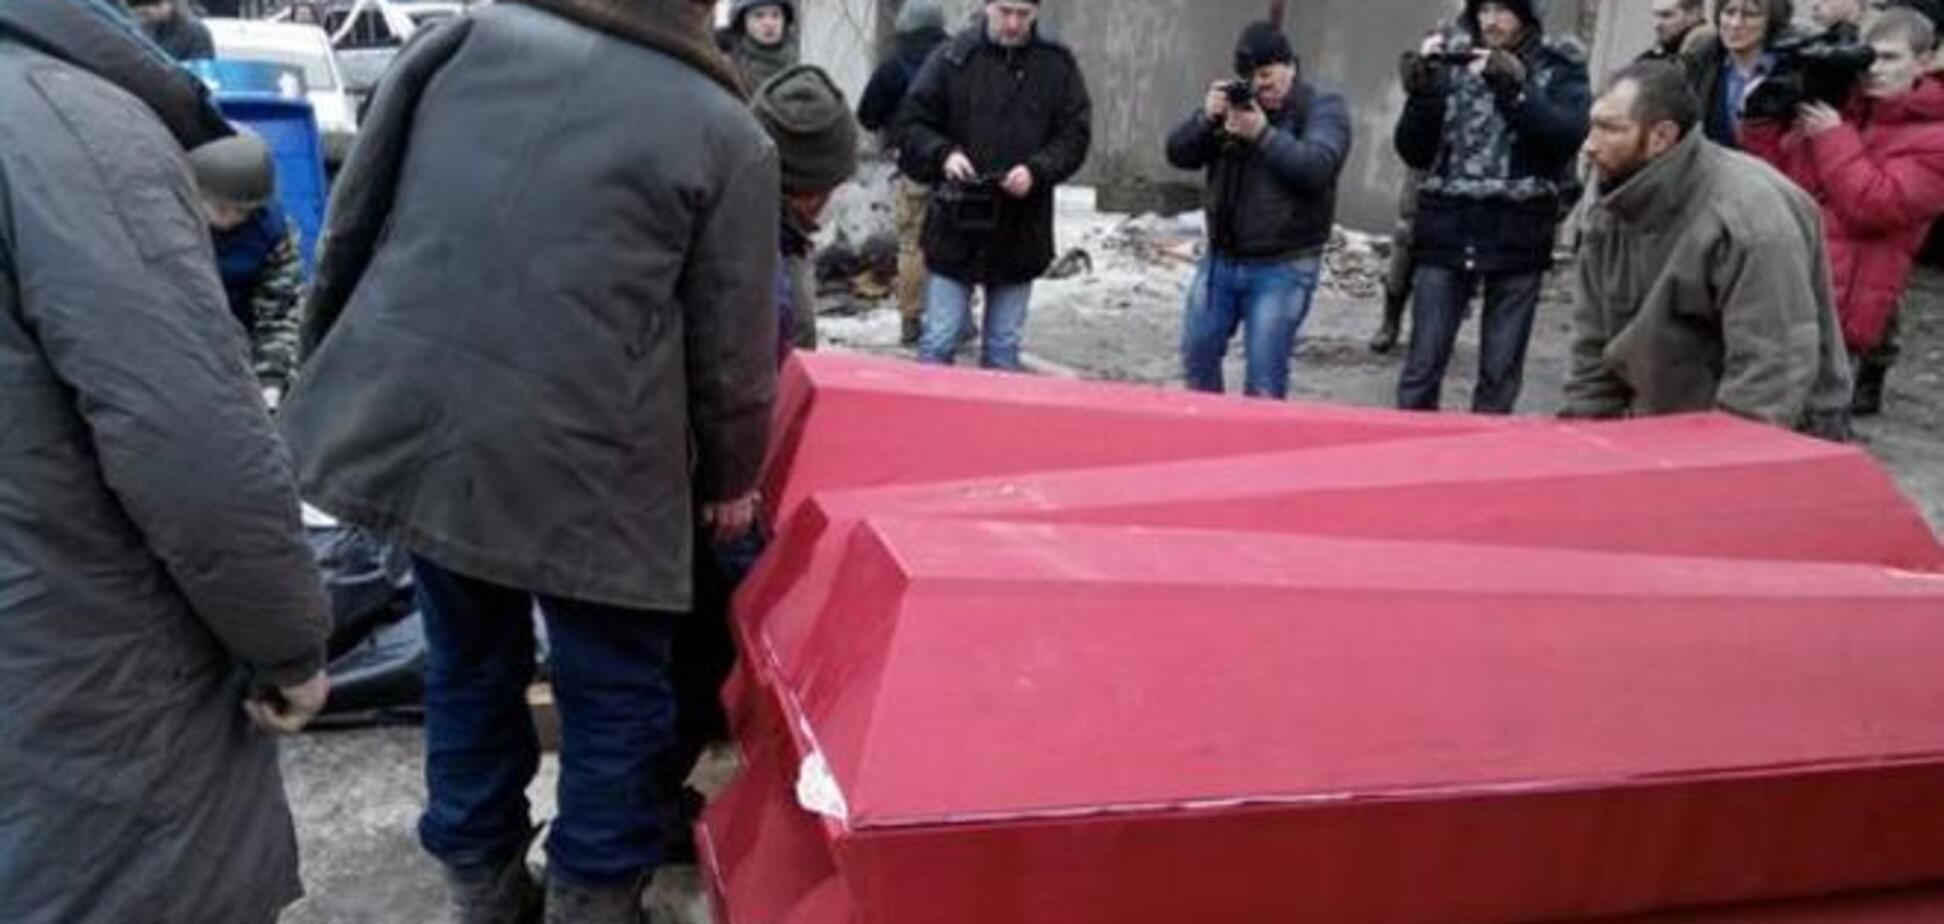 Главарь 'ДНР' передал силовикам 8 тел 'киборгов': опубликованы фото